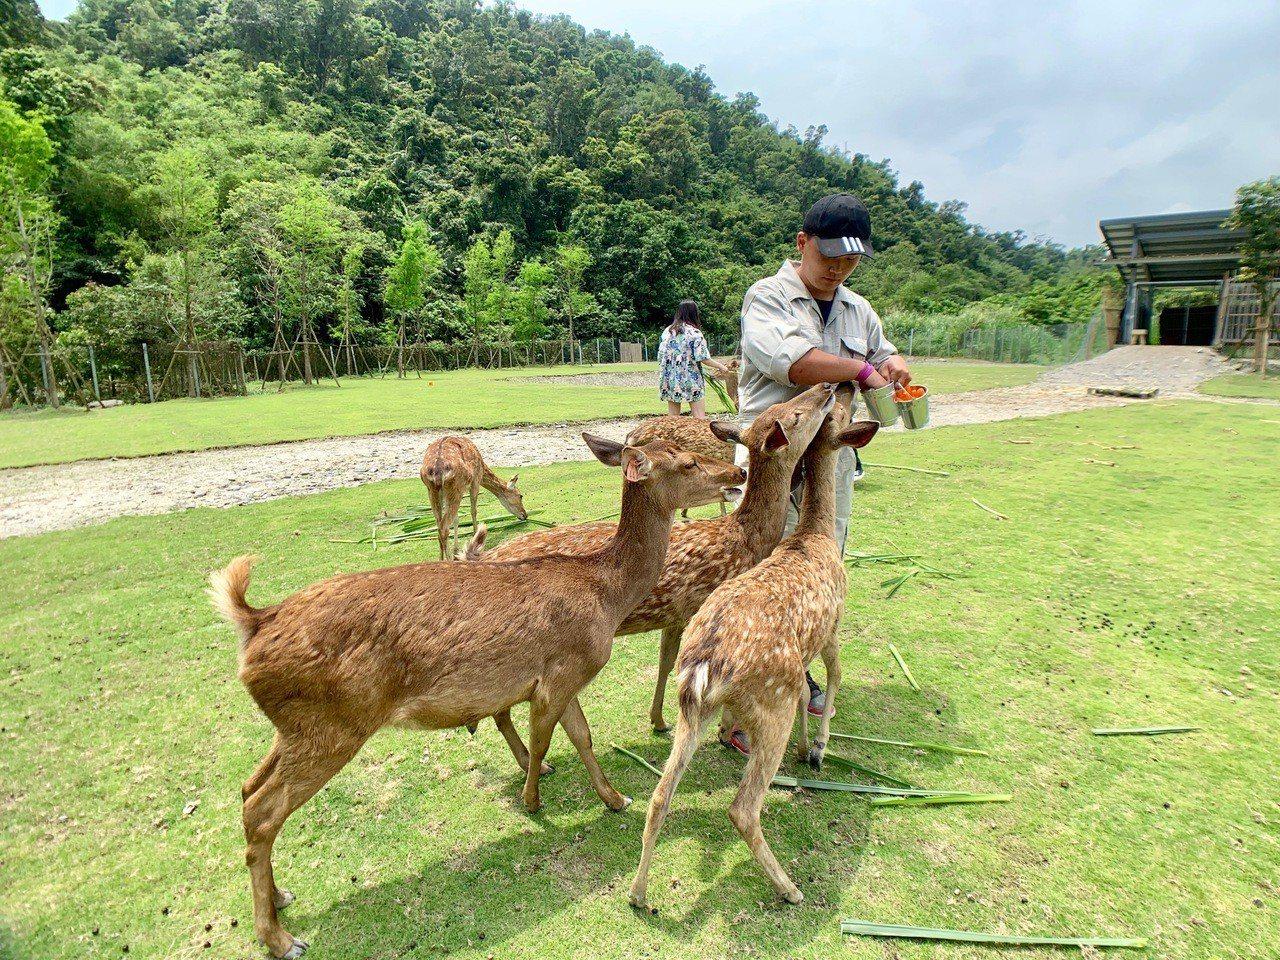 比起牧草,小鹿們更愛吃胡蘿蔔。記者張芳瑜/攝影